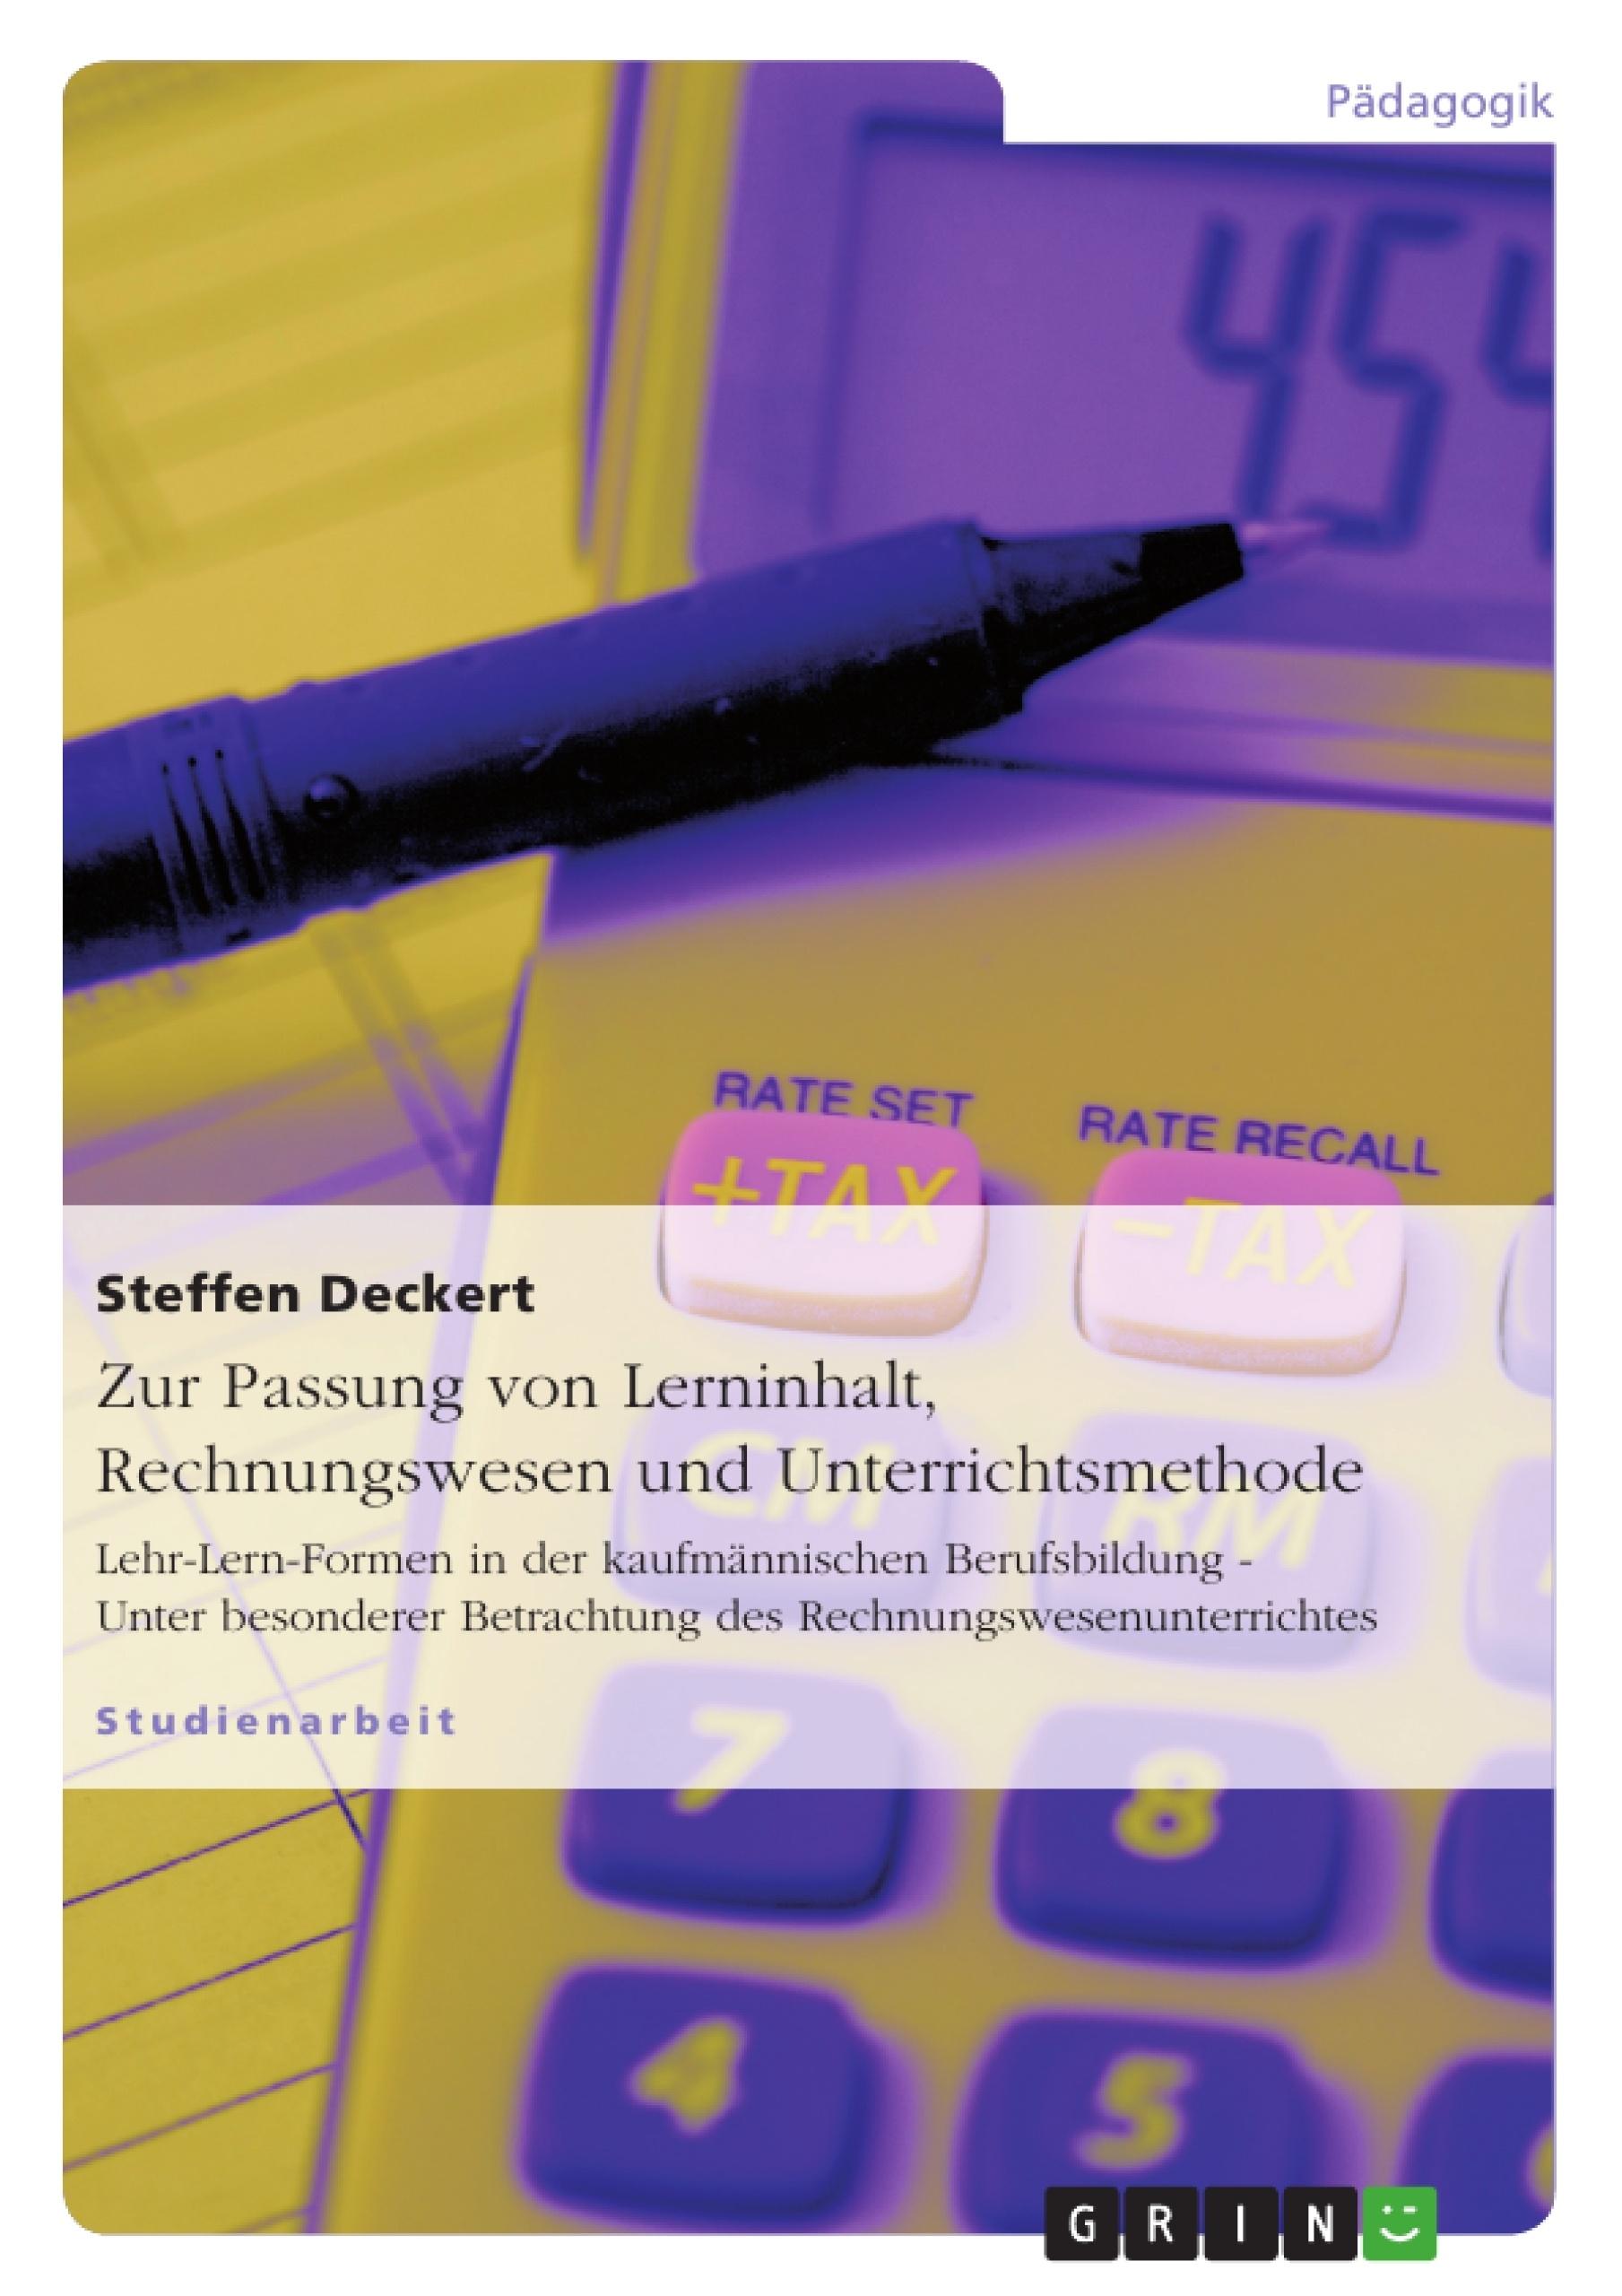 Titel: Zur Passung von Lerninhalt, Rechnungswesen und Unterrichtsmethode